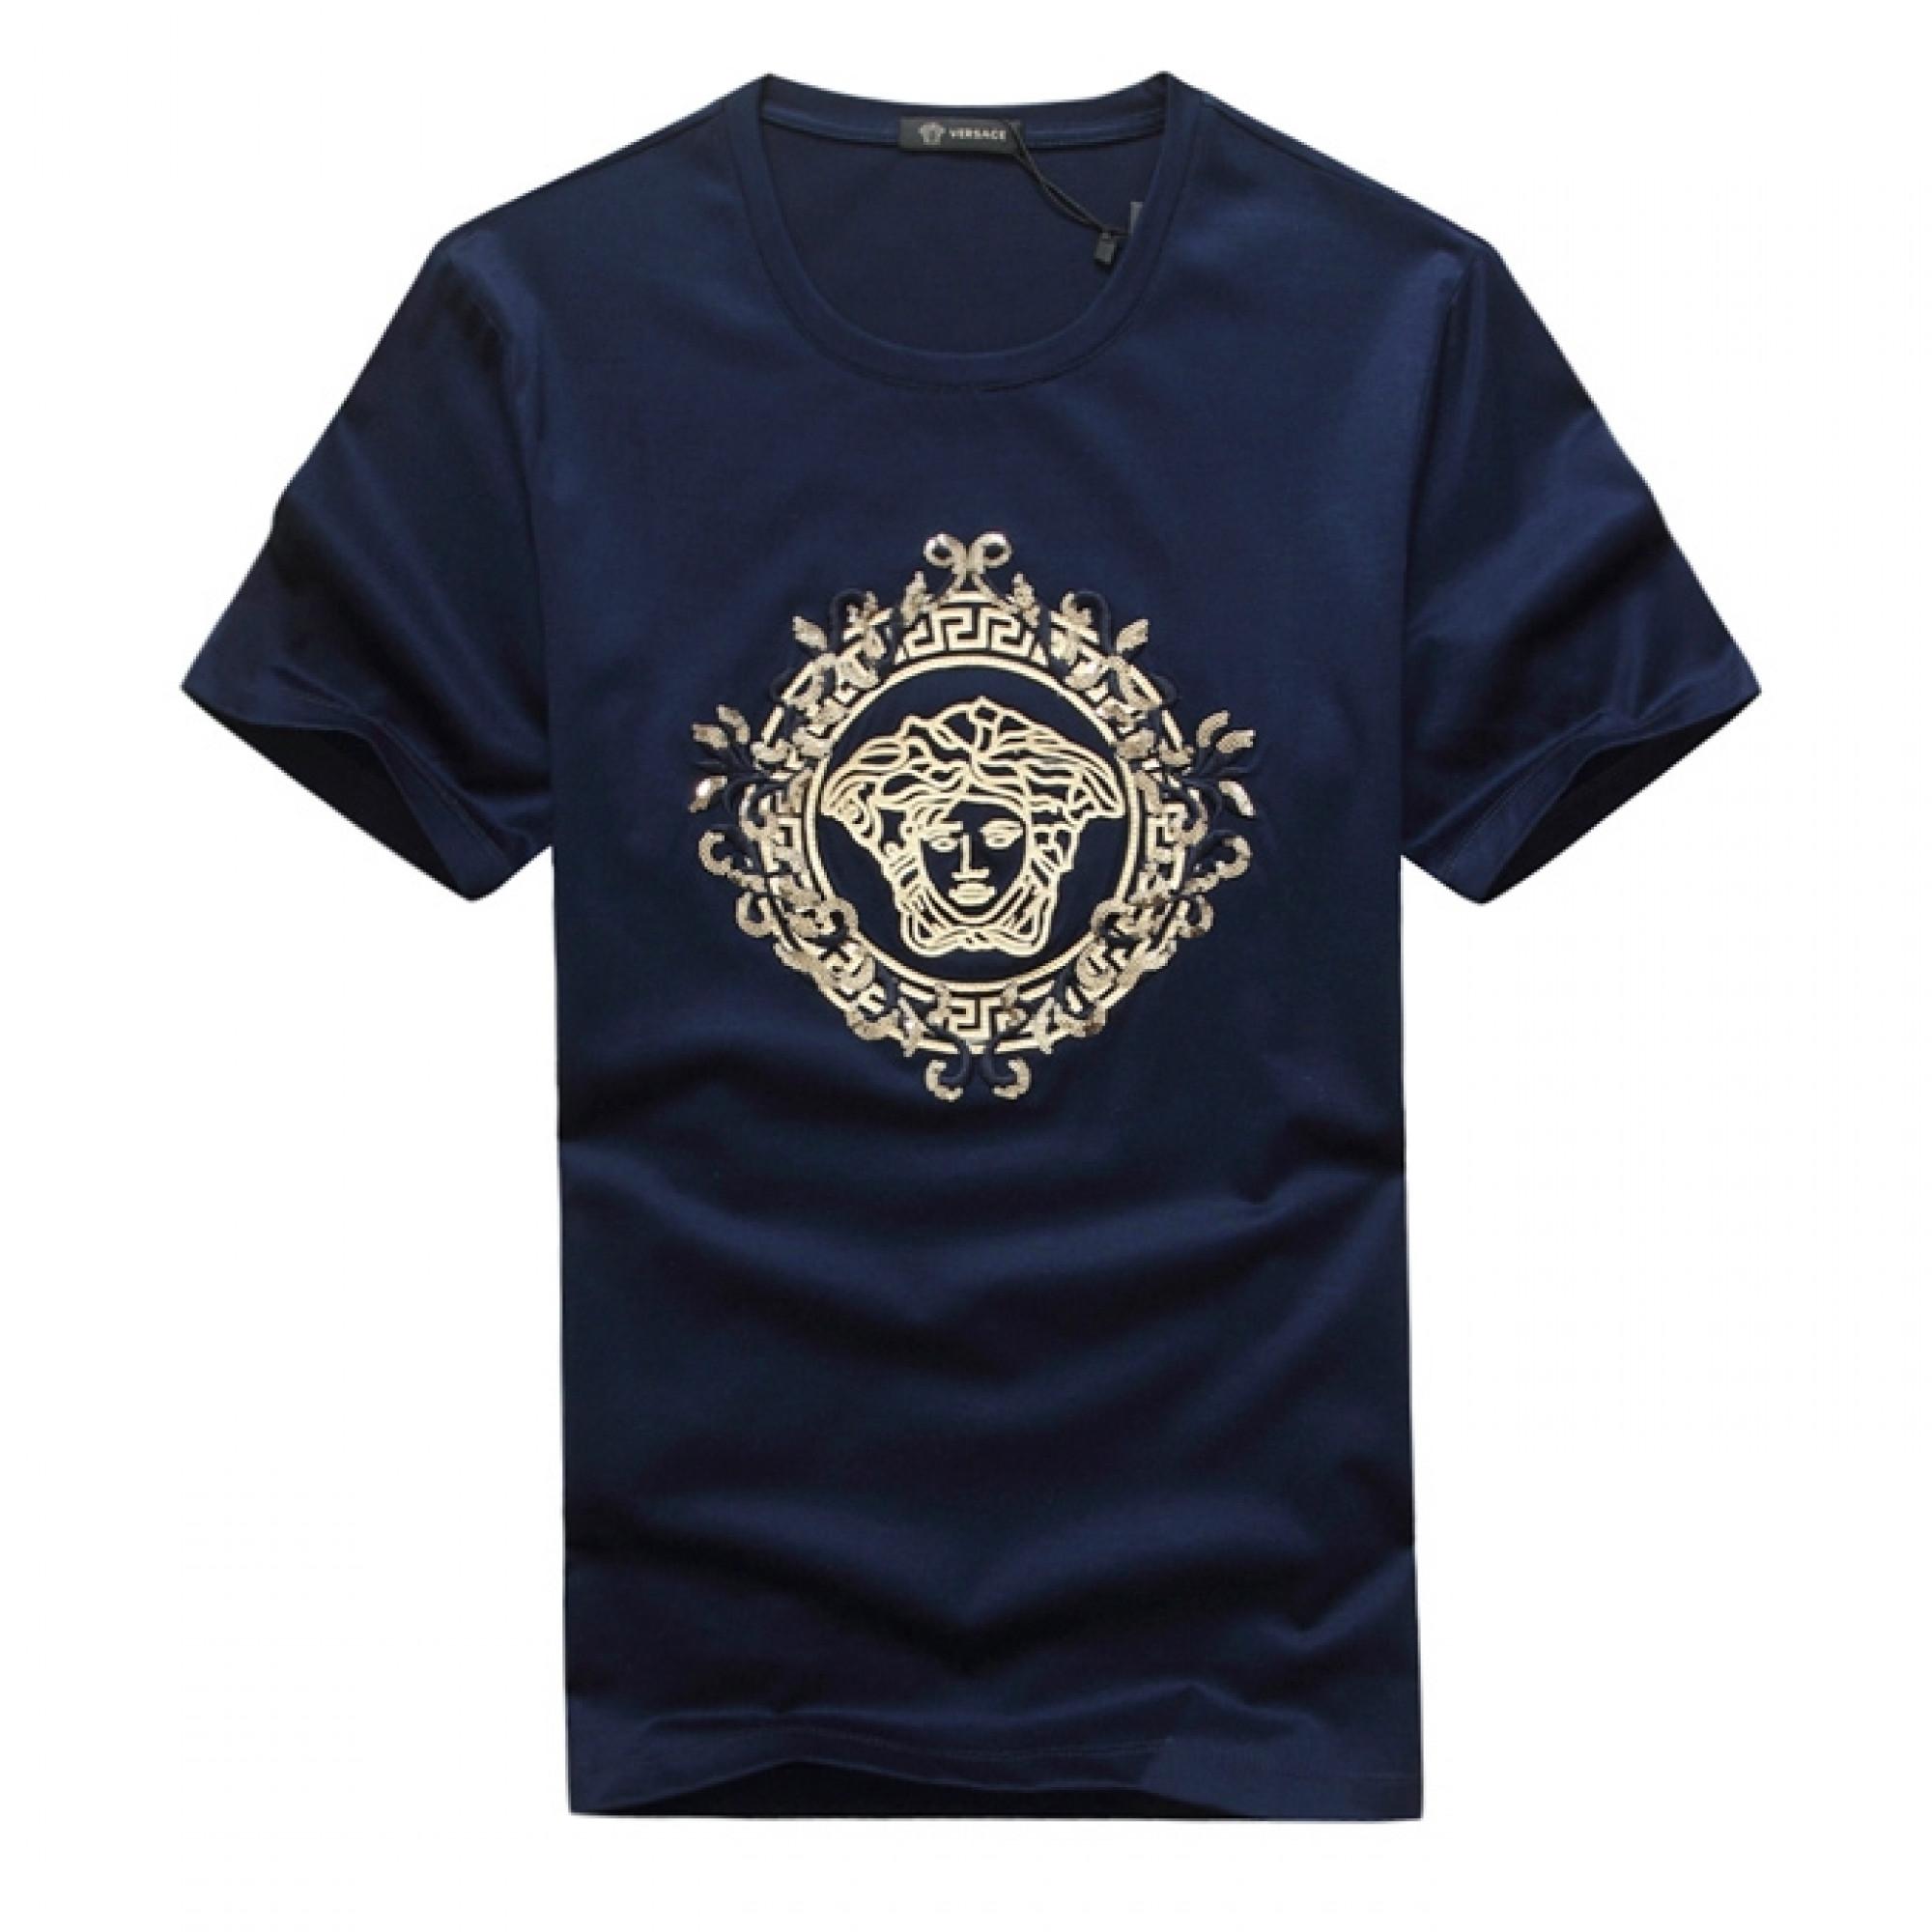 6a8fb3df5531 Купить мужская футболка с логотипом от Versace — в Киеве, код товара ...